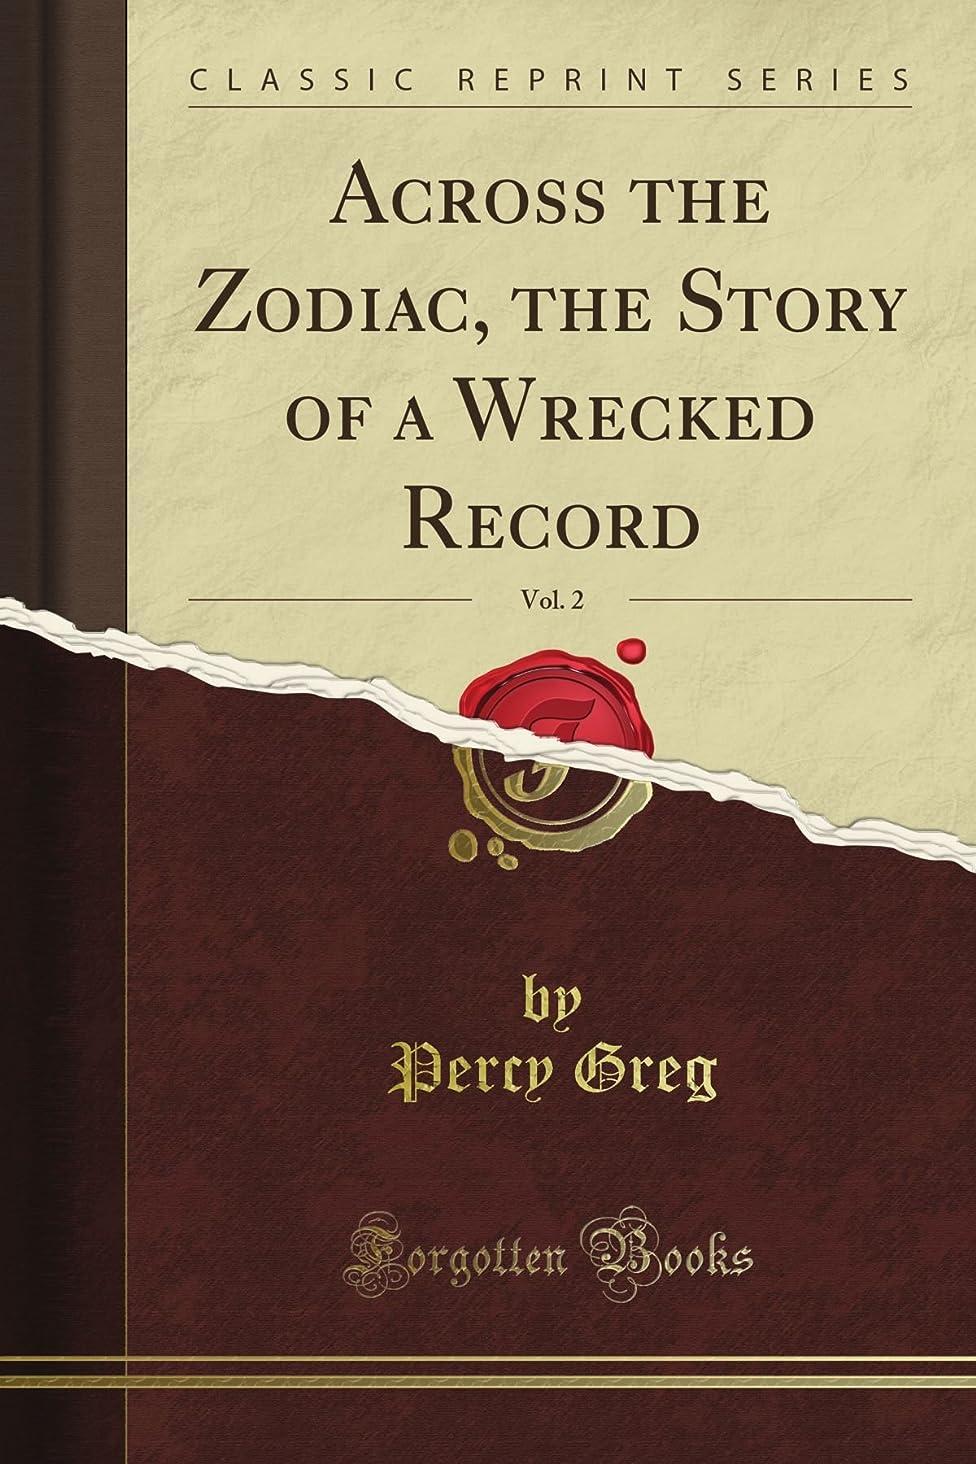 確認してくださいムスタチオスクリーチAcross the Zodiac, the Story of a Wrecked Record, Vol. 2 (Classic Reprint)